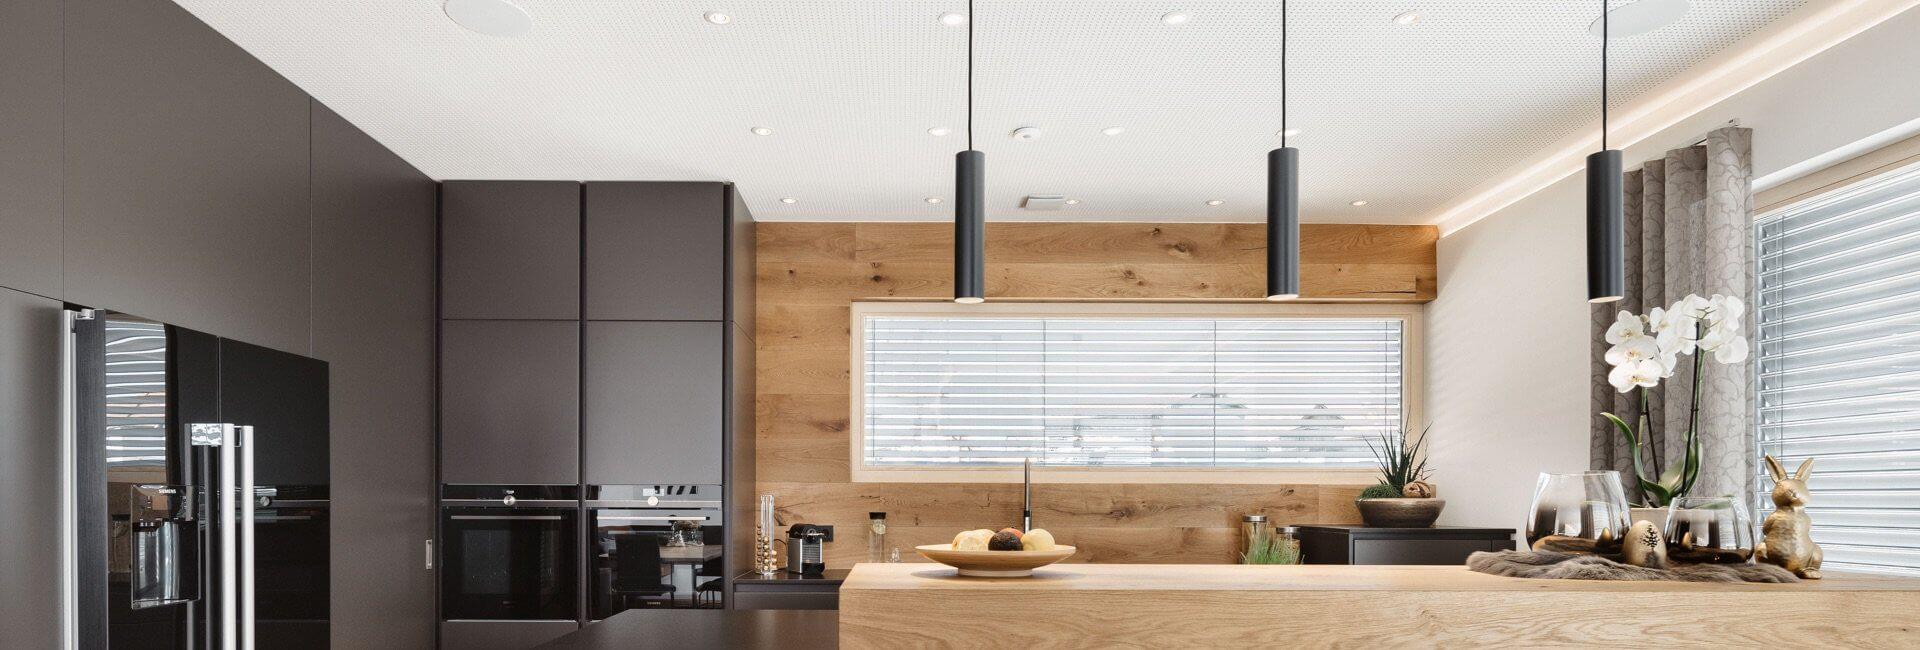 Beispiel Smart Home Licht